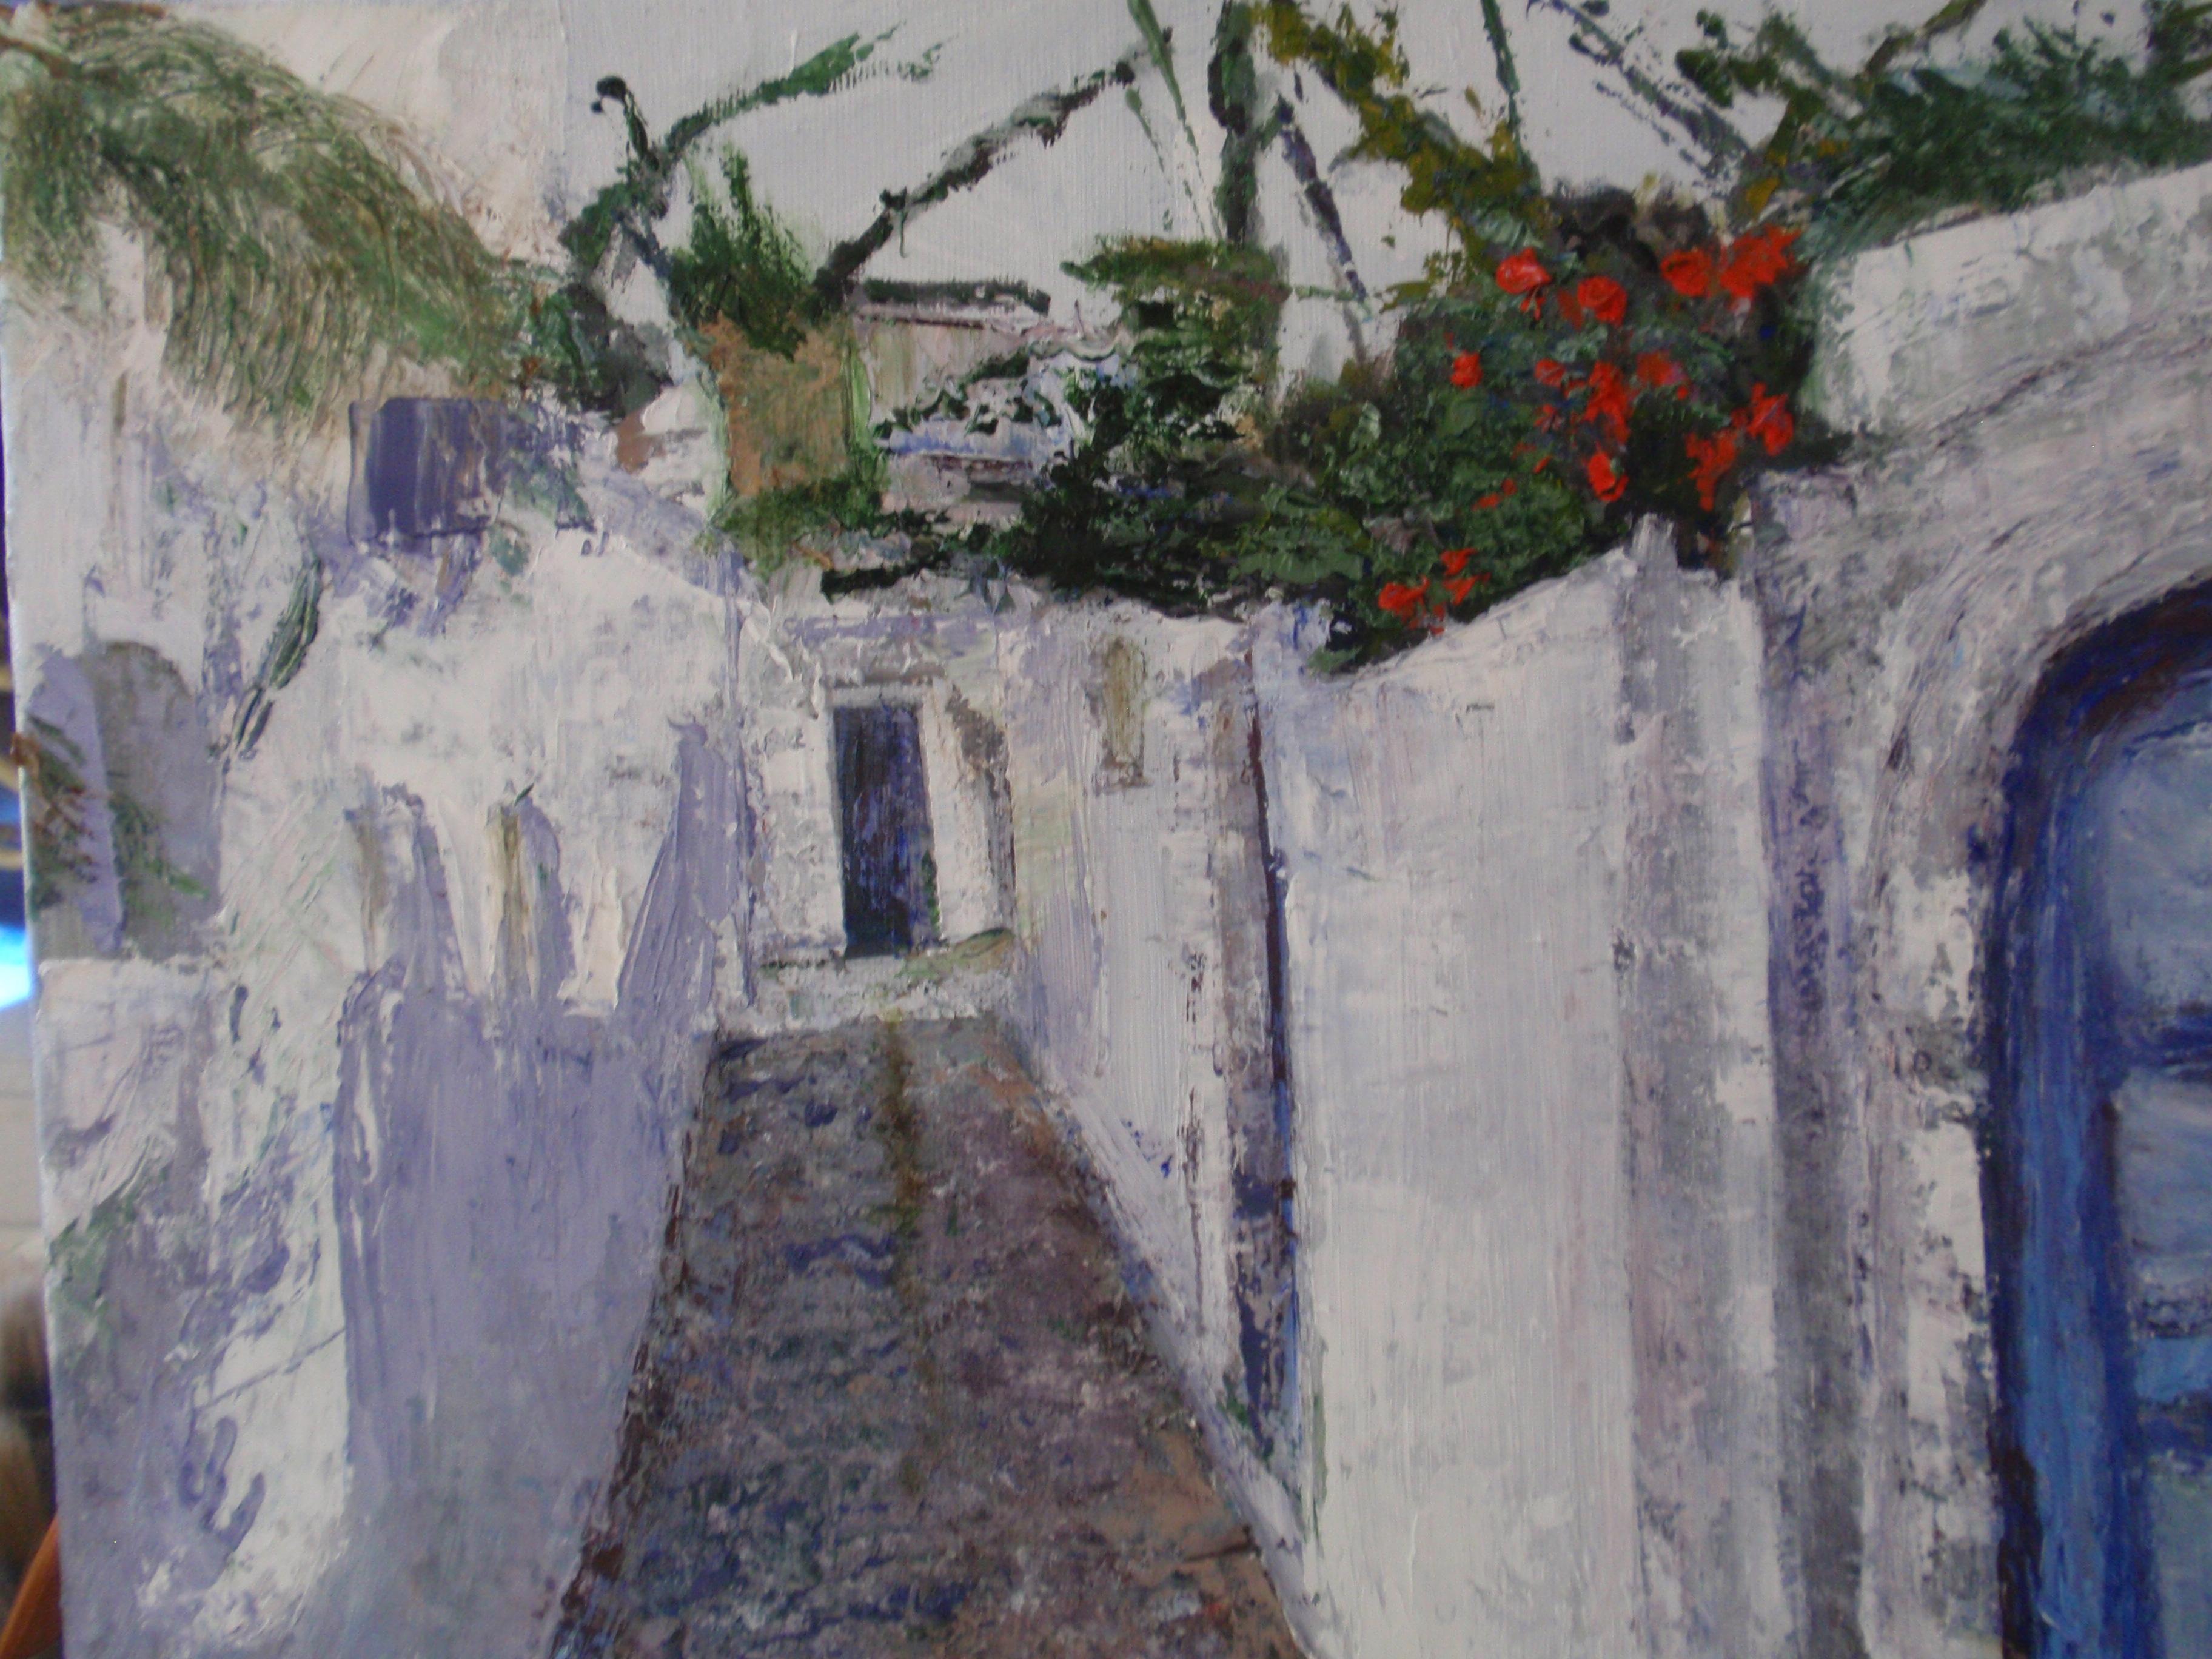 Behind walls